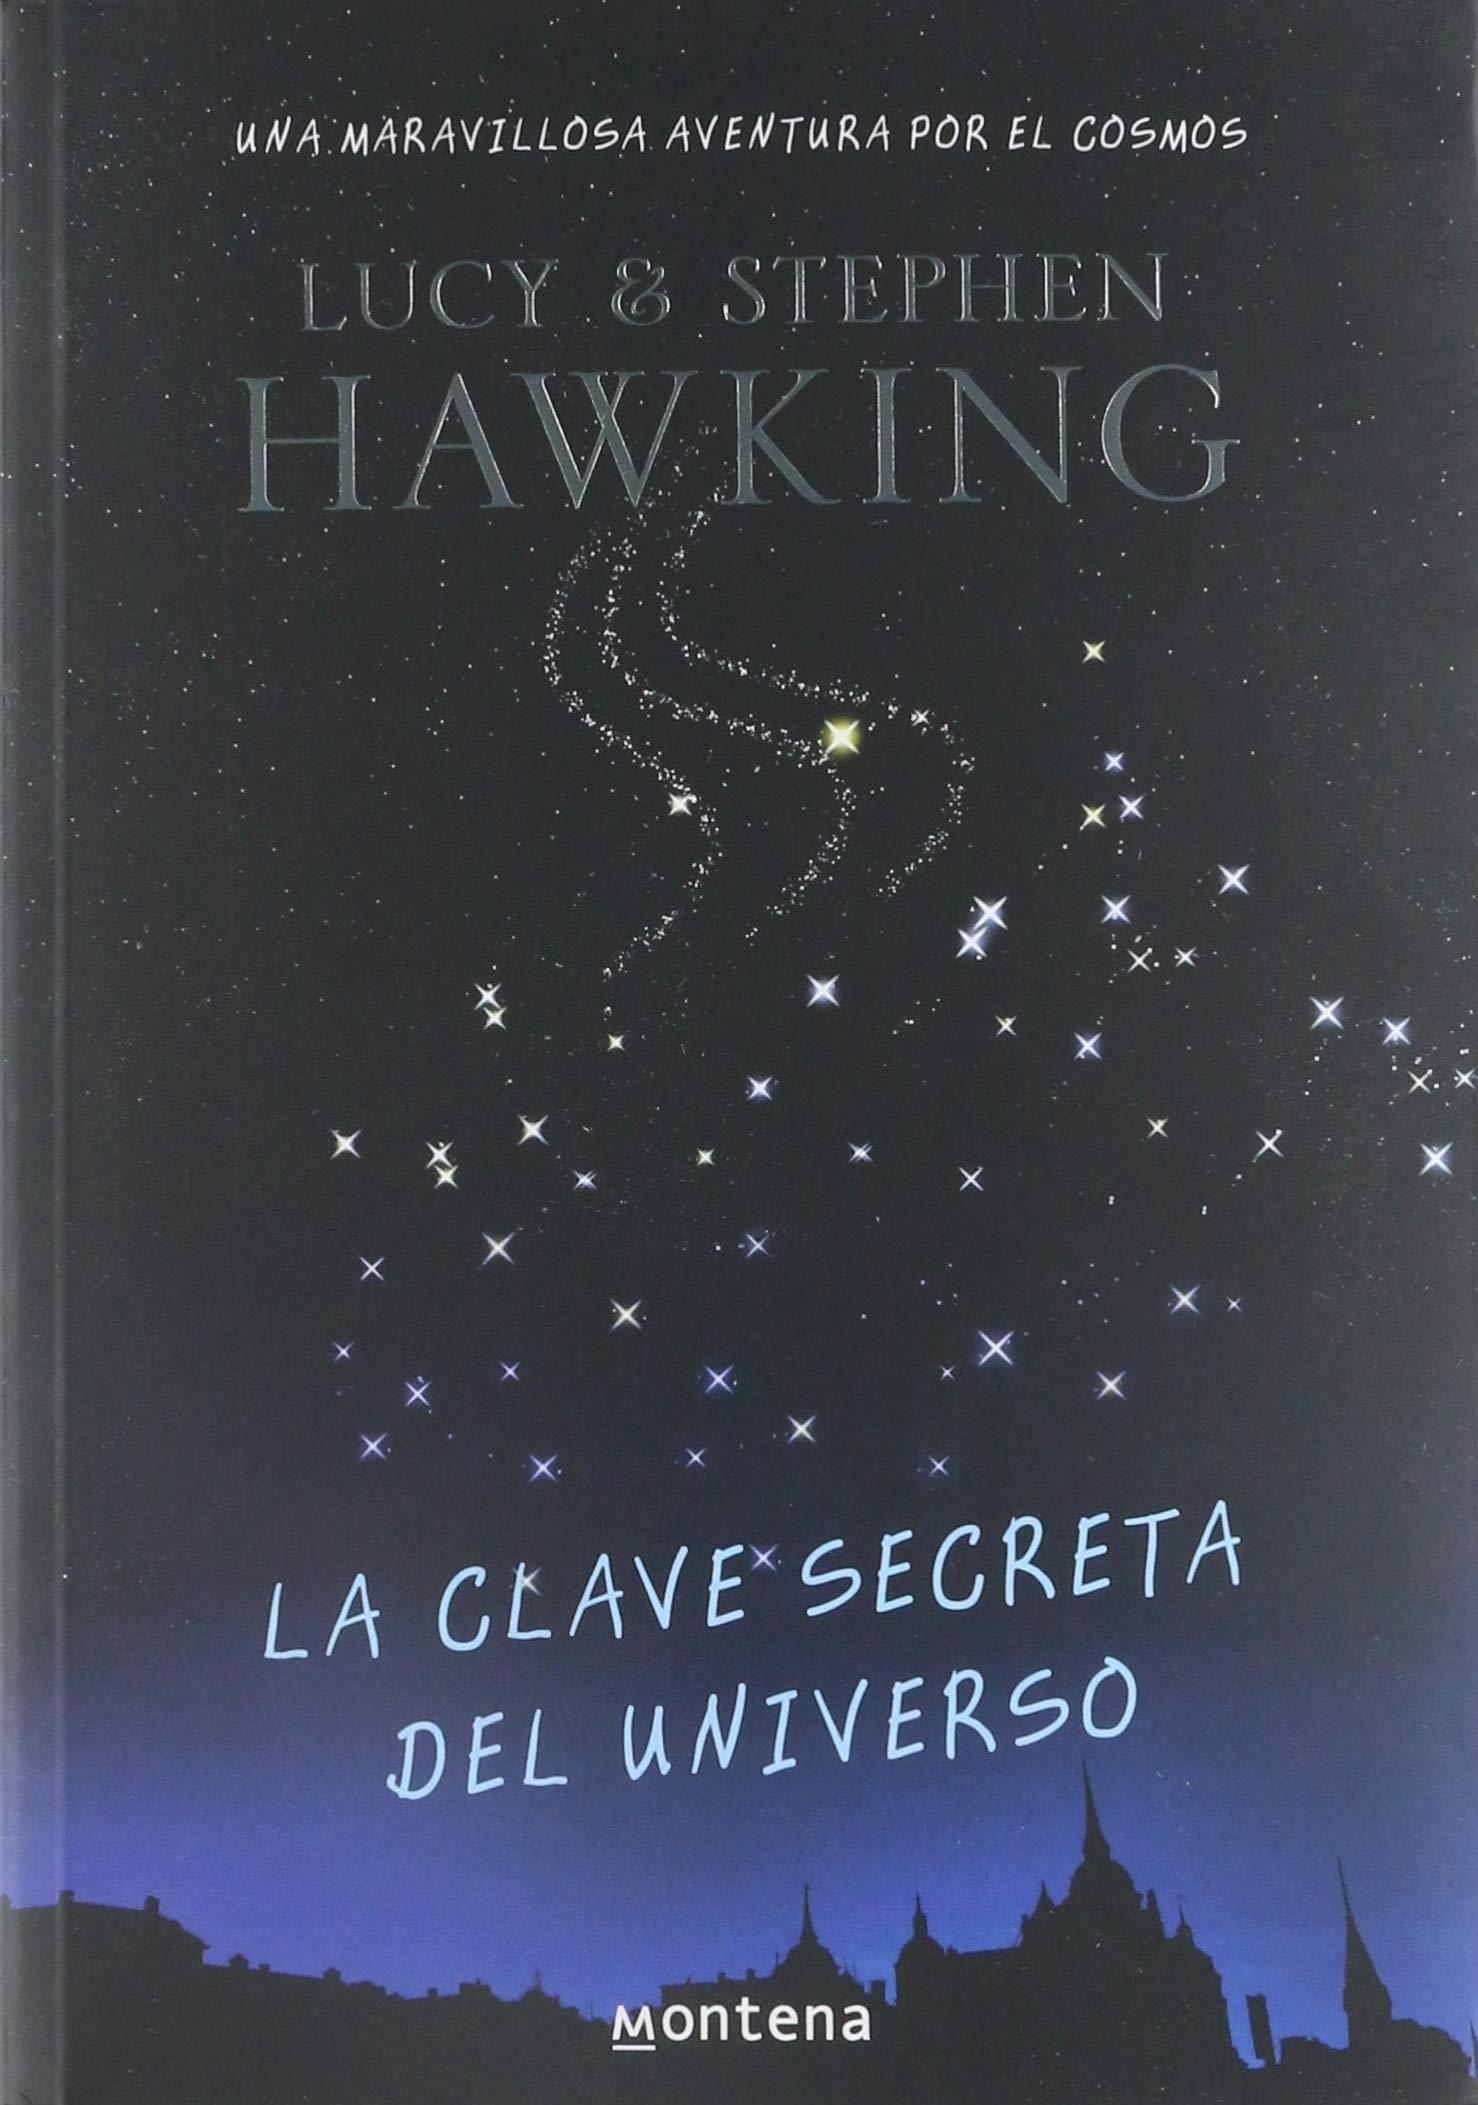 La clave secreta del universo (Spanish Edition): Stephen Hawking:  9789708101264: Amazon.com: Books